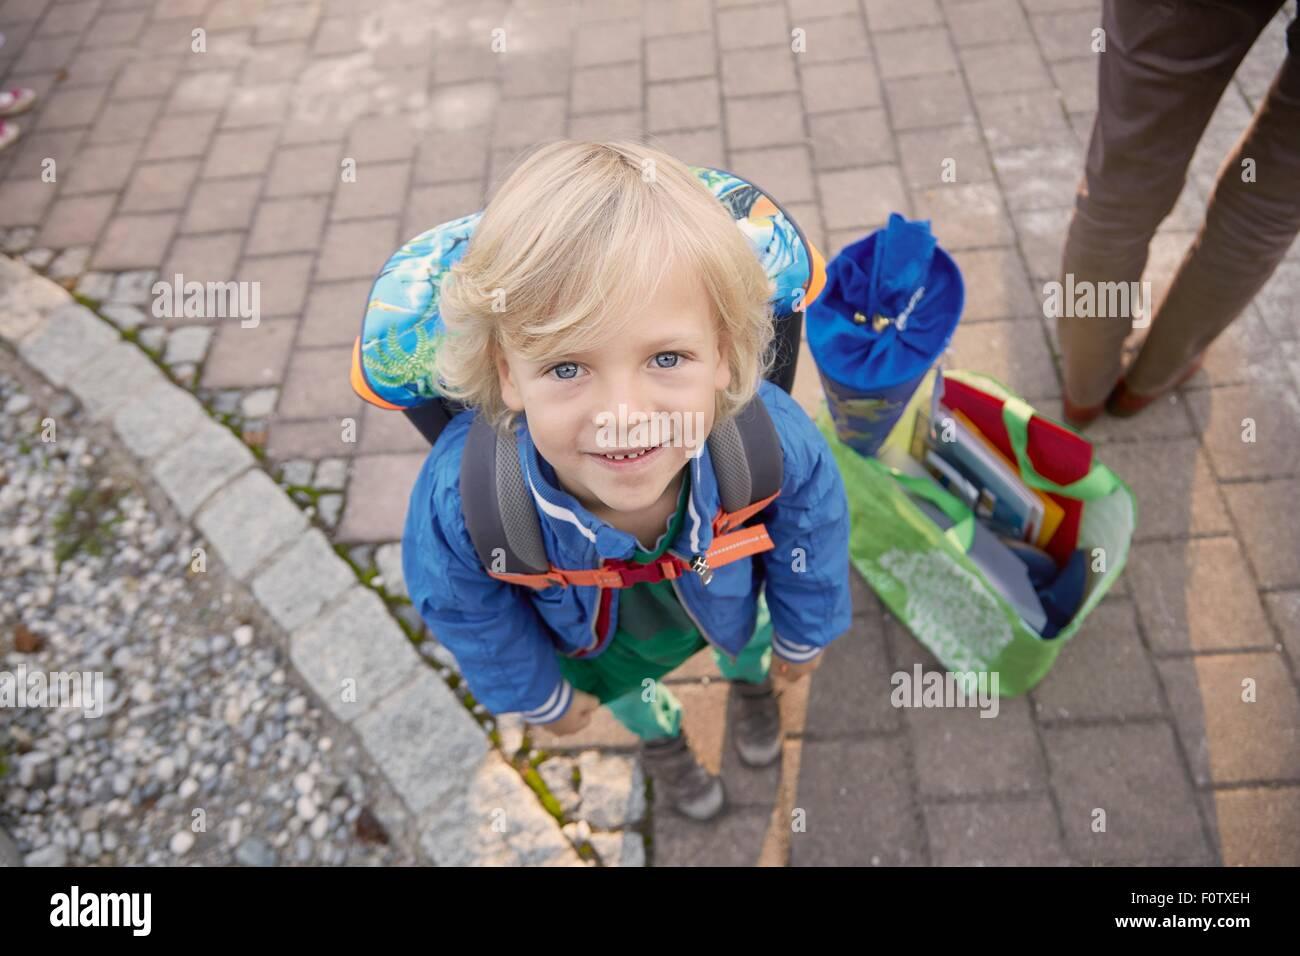 Portrait de jeune garçon au premier jour d'école, Bavière, Allemagne Photo Stock